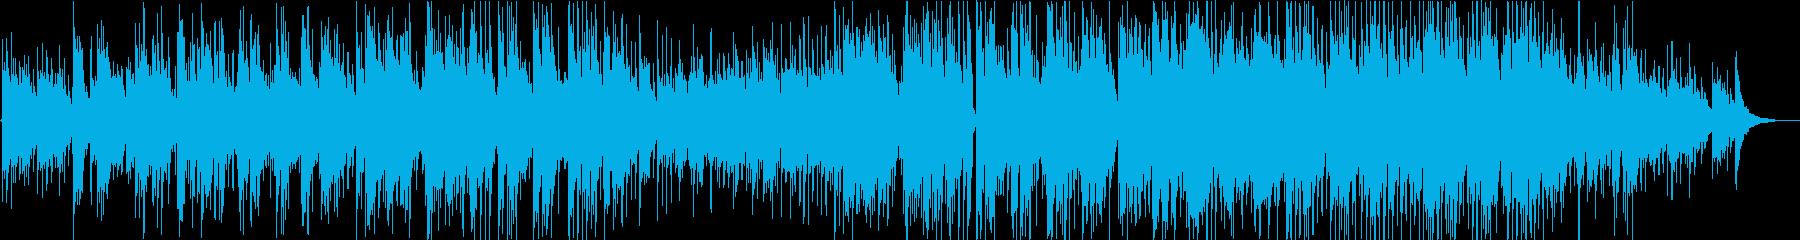 アコギとピアノのバラードの再生済みの波形